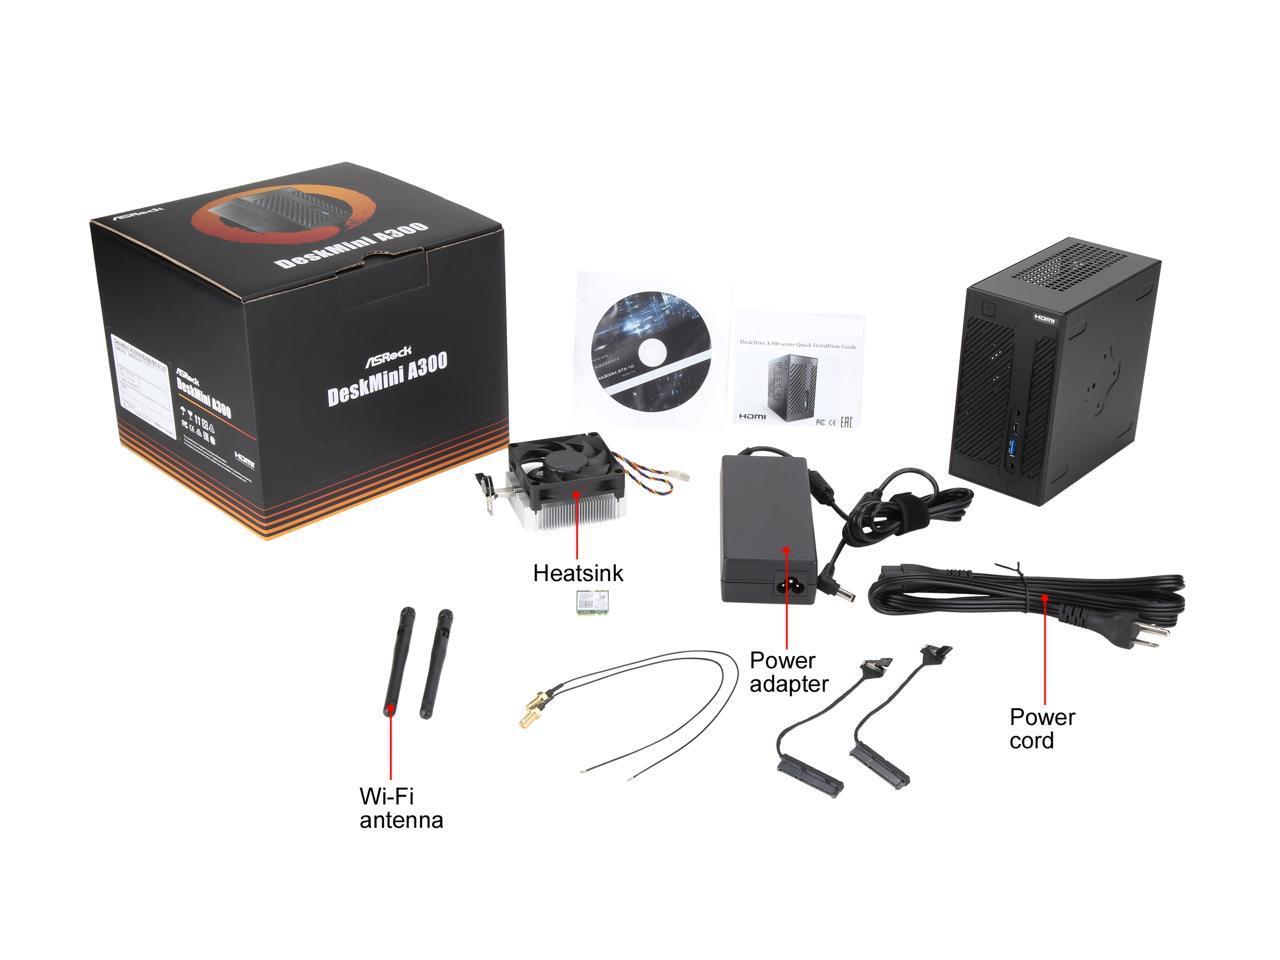 Details about ASRock DESKMINI A300W AMD Socket AM4 AMD A300 1 x HDMI  Barebone System